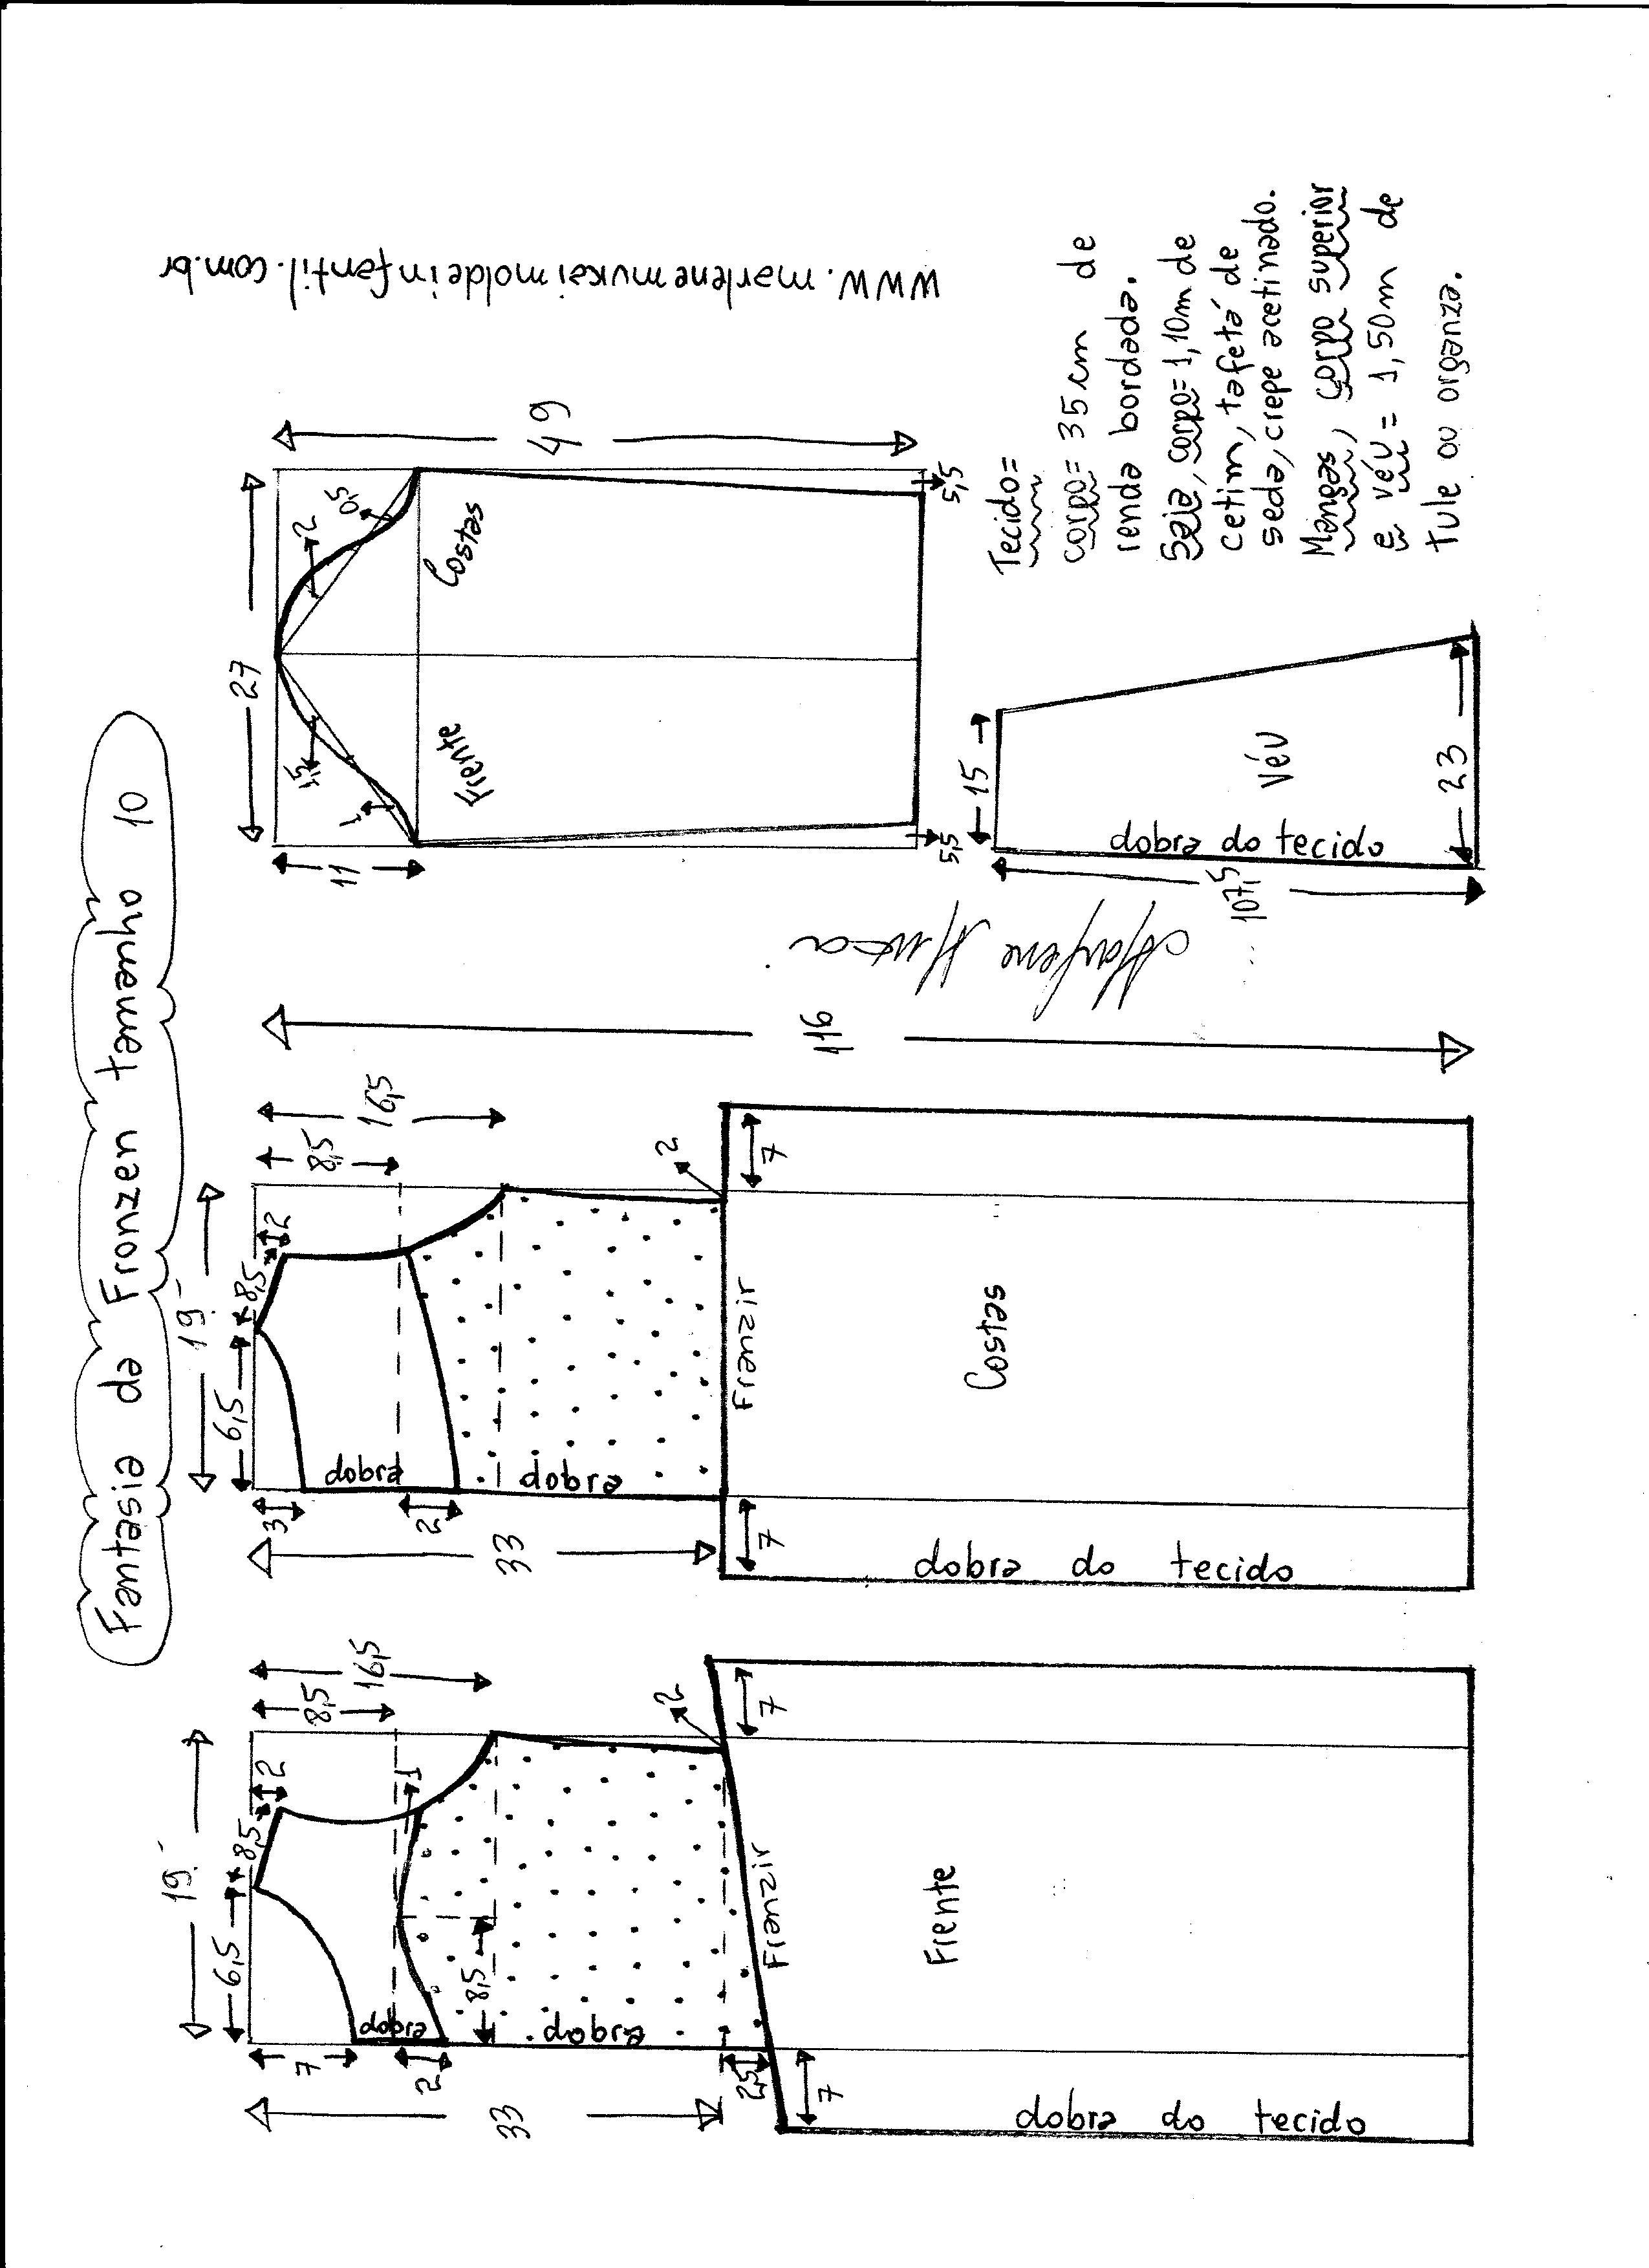 Esquema de modelagem de vestido fantasia fronzen tamanho 10.